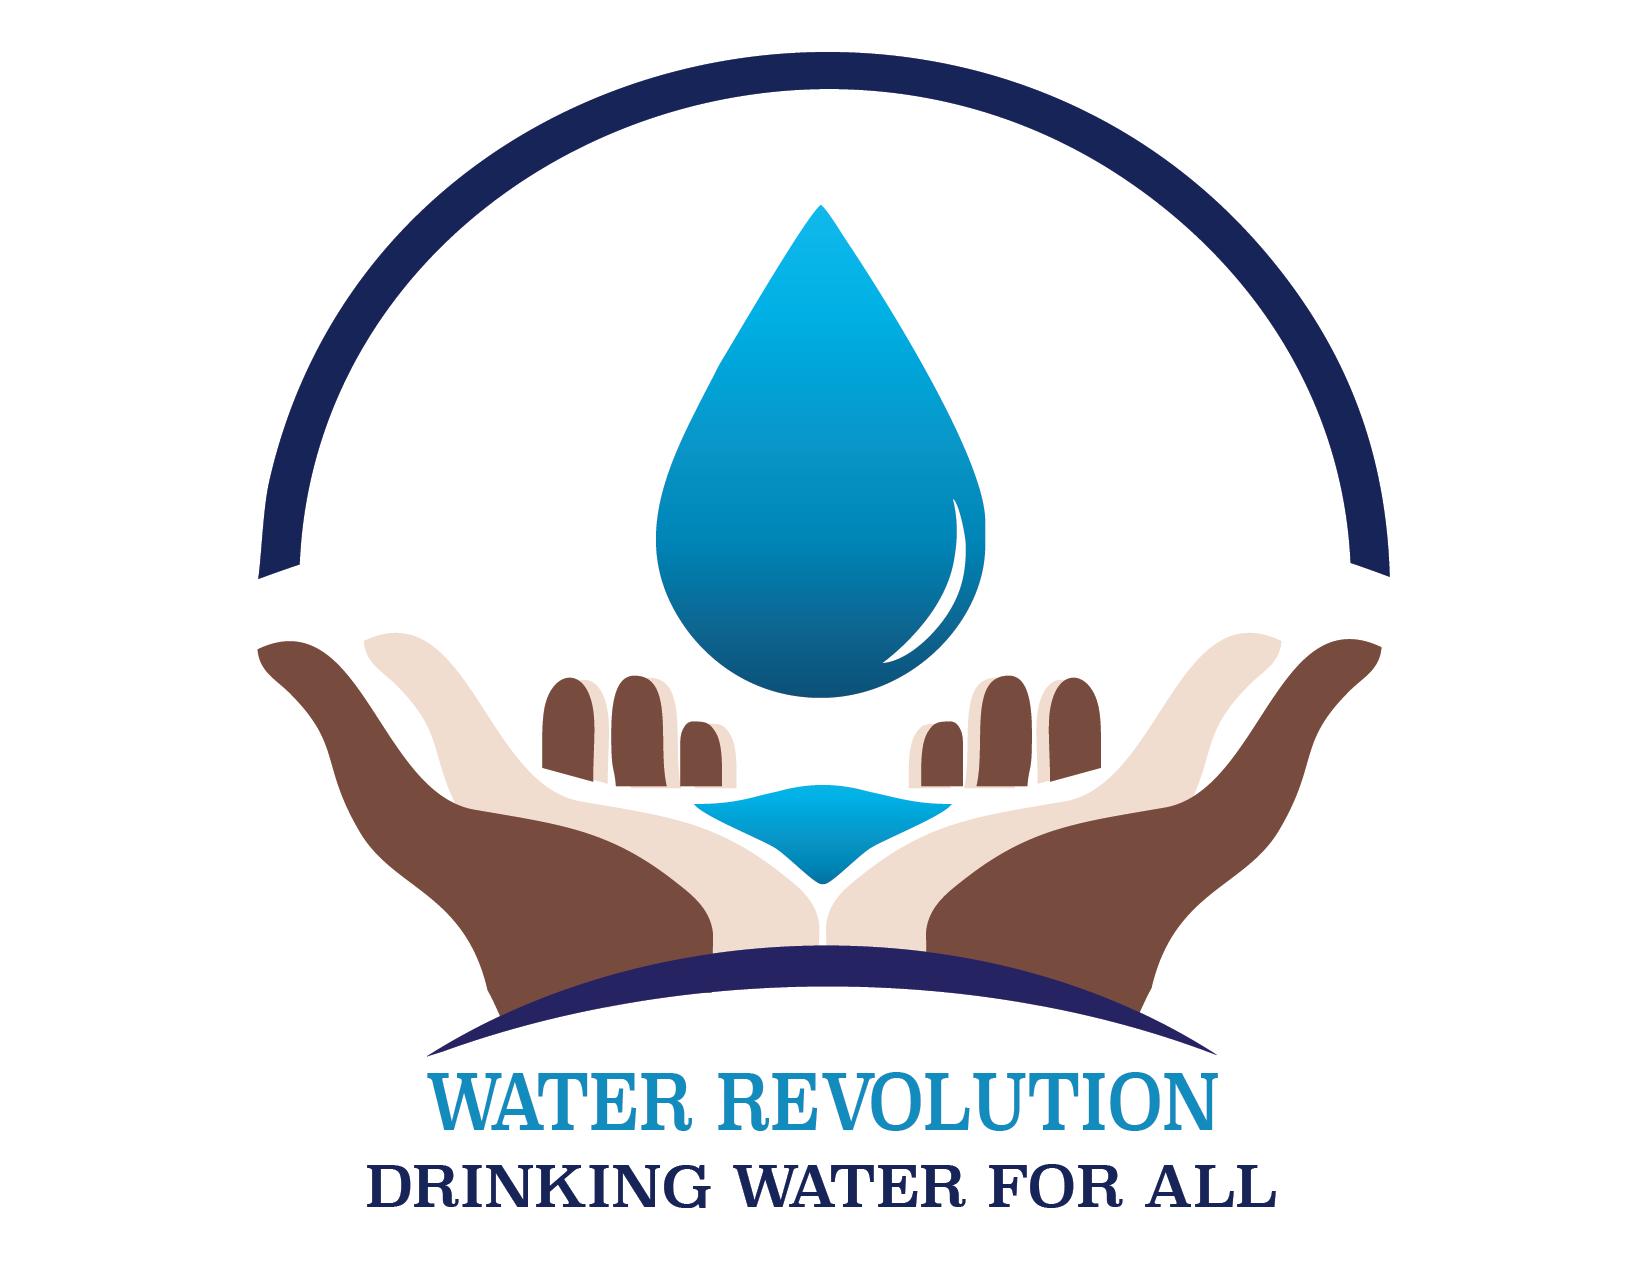 RATV_Wasser-revolution_Logo_Vers3